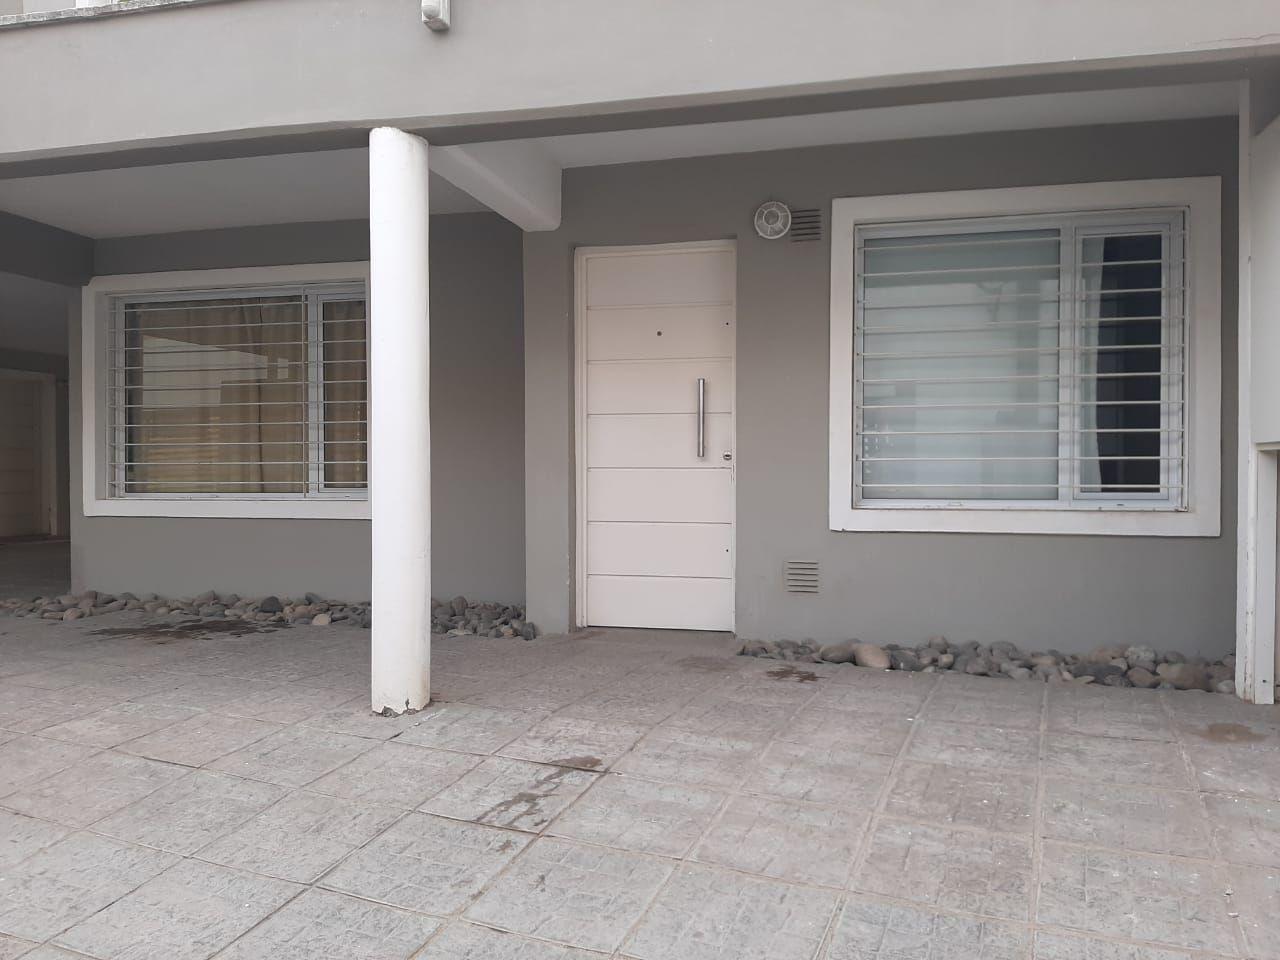 Departamento en Neuqu�n, Santa Genoveva   MEM392   Mercado Inmobiliario